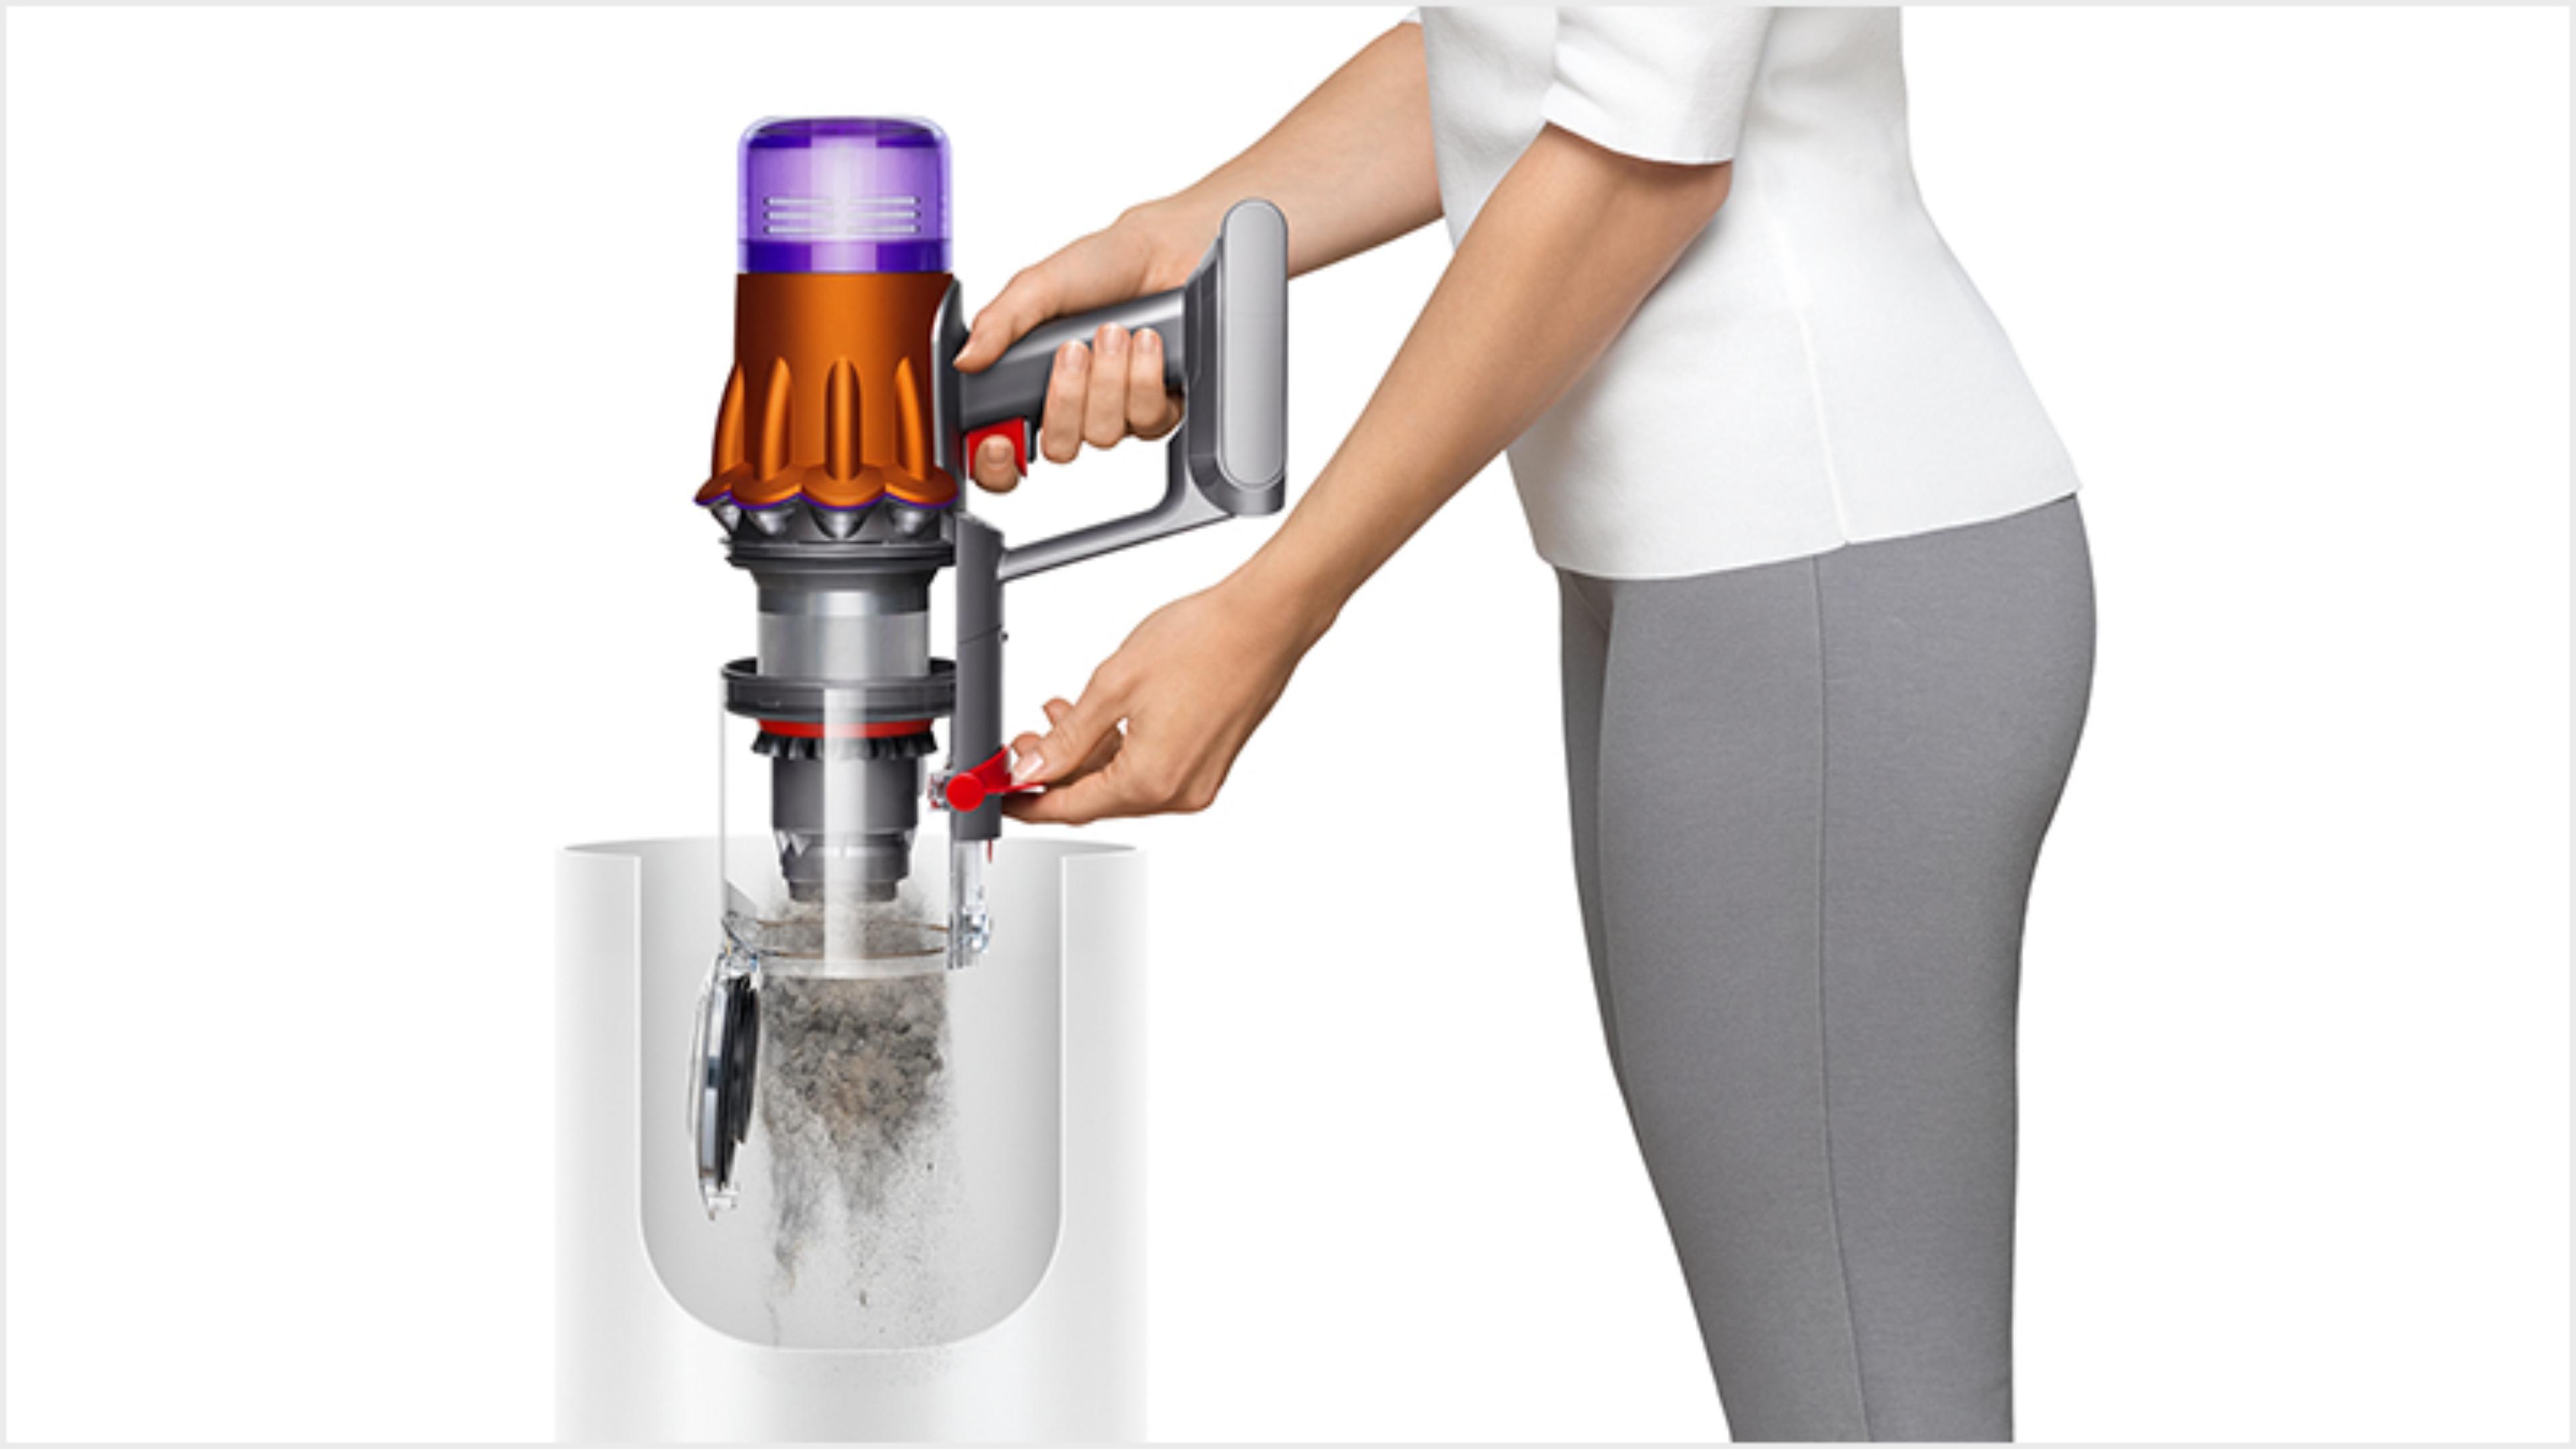 女性將Dyson Digital Slim輕量無線吸塵機中的塵垢清空至垃圾筒中